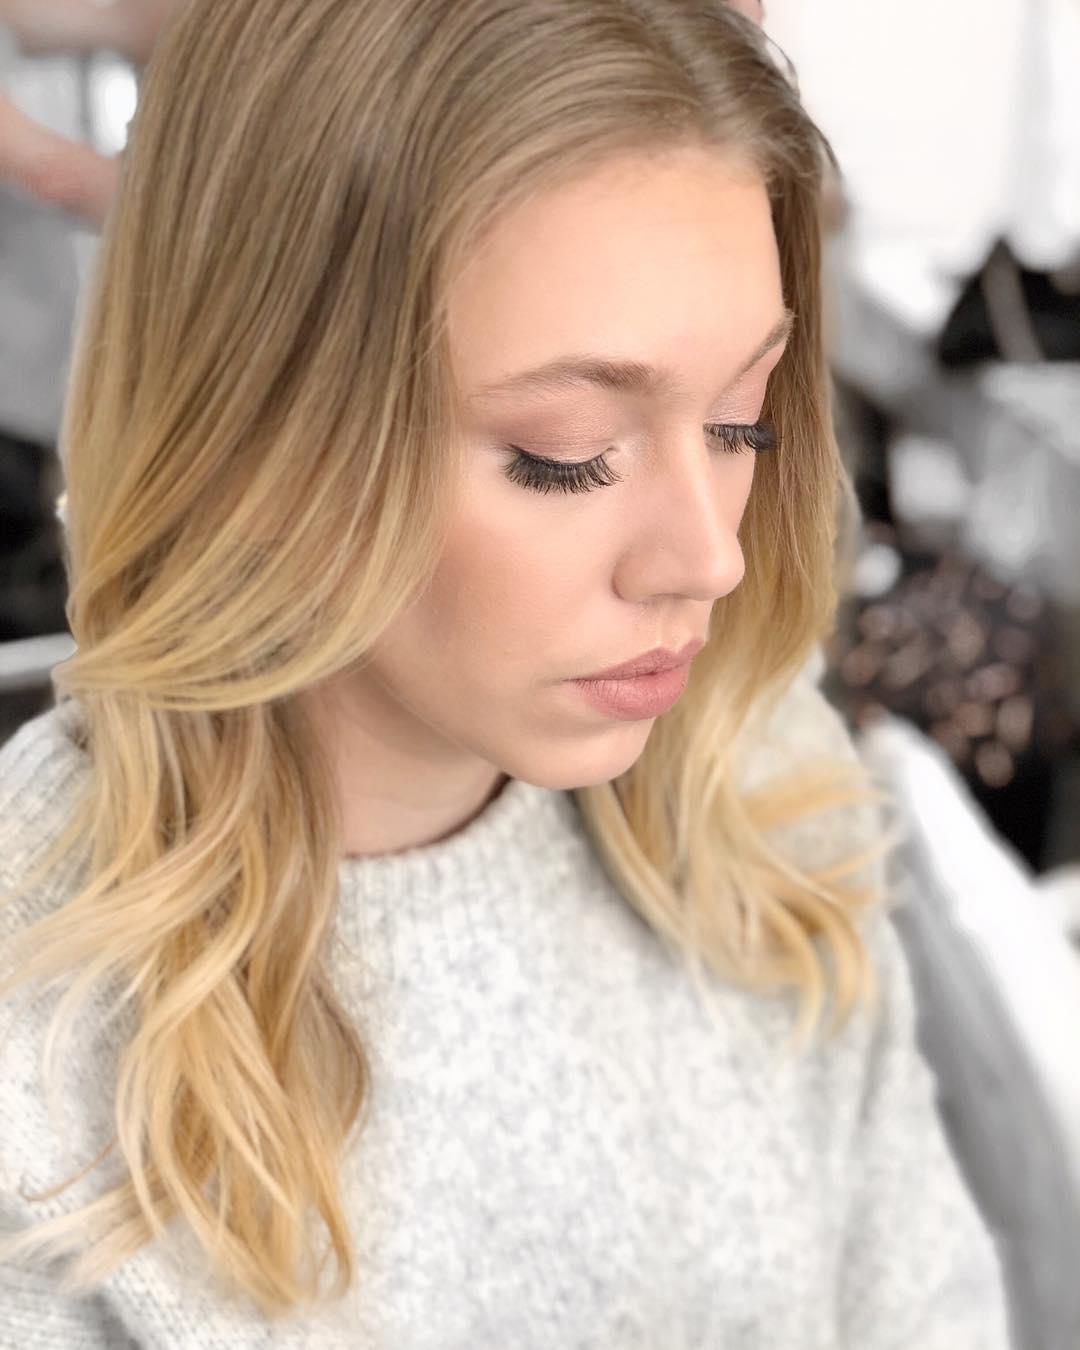 Vancouver's Best Prép Beauty Parlour